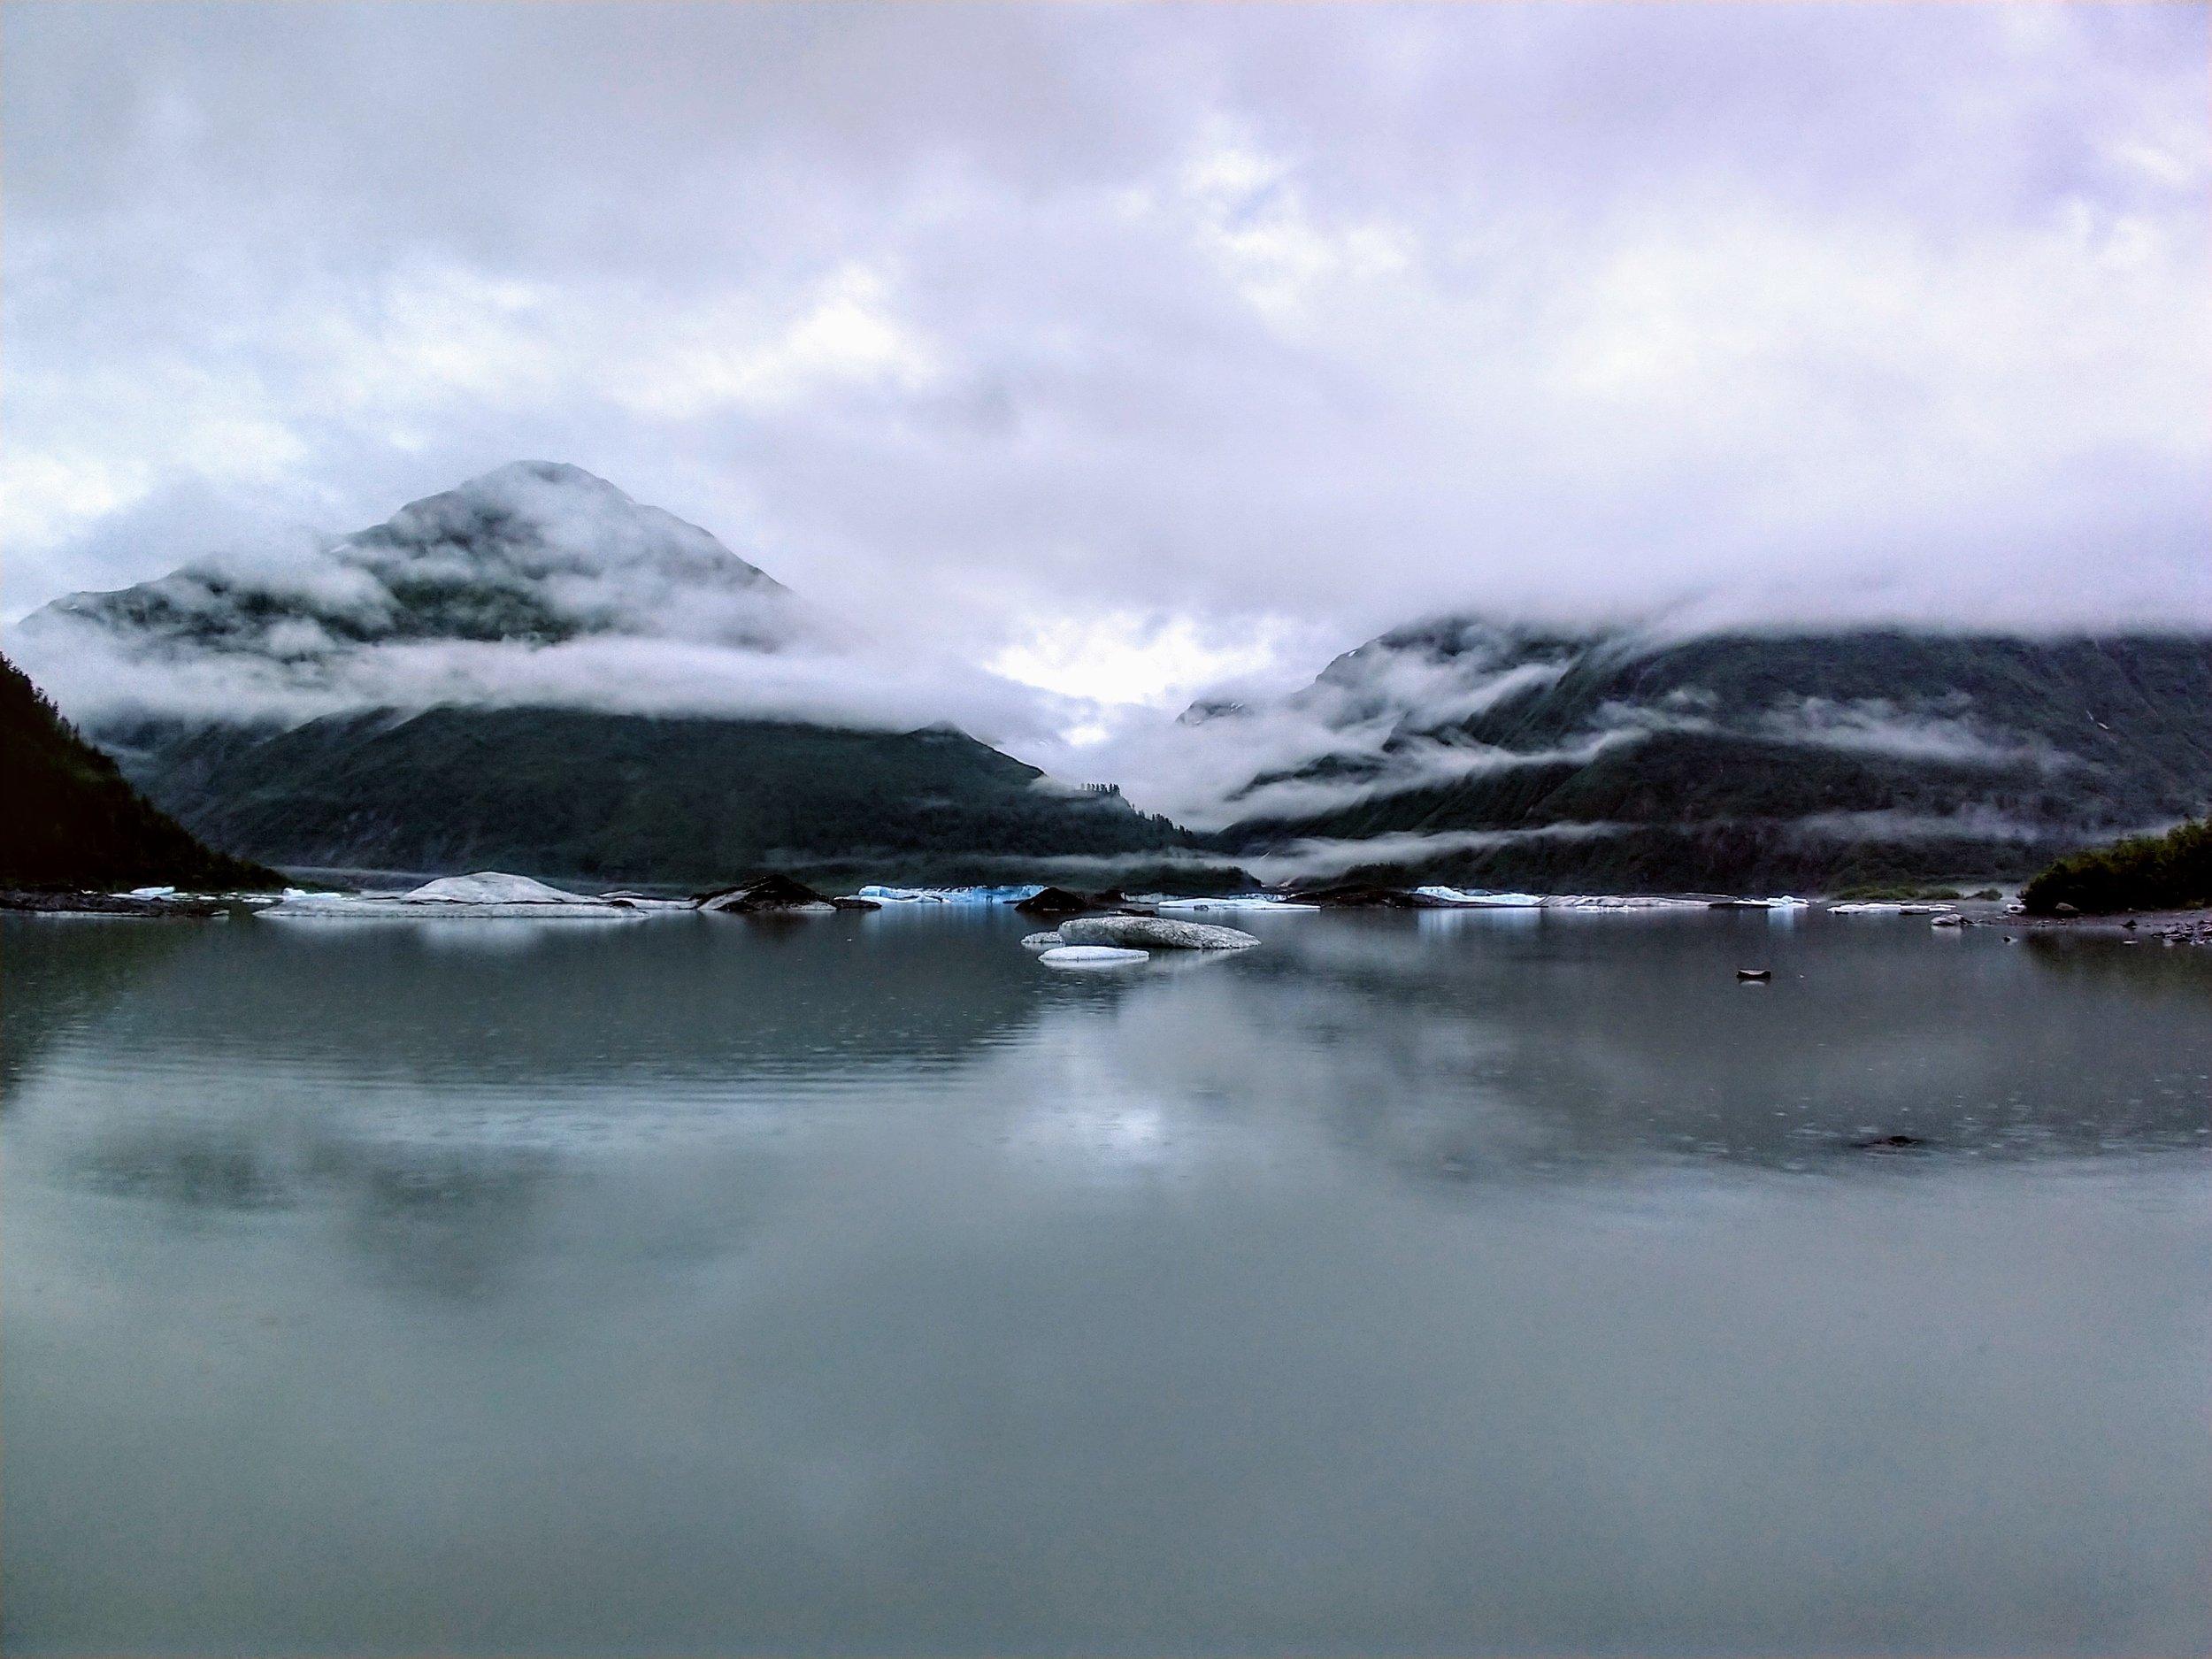 Our accomodations in Valdez - Glacier View Park, Valdez, AK.